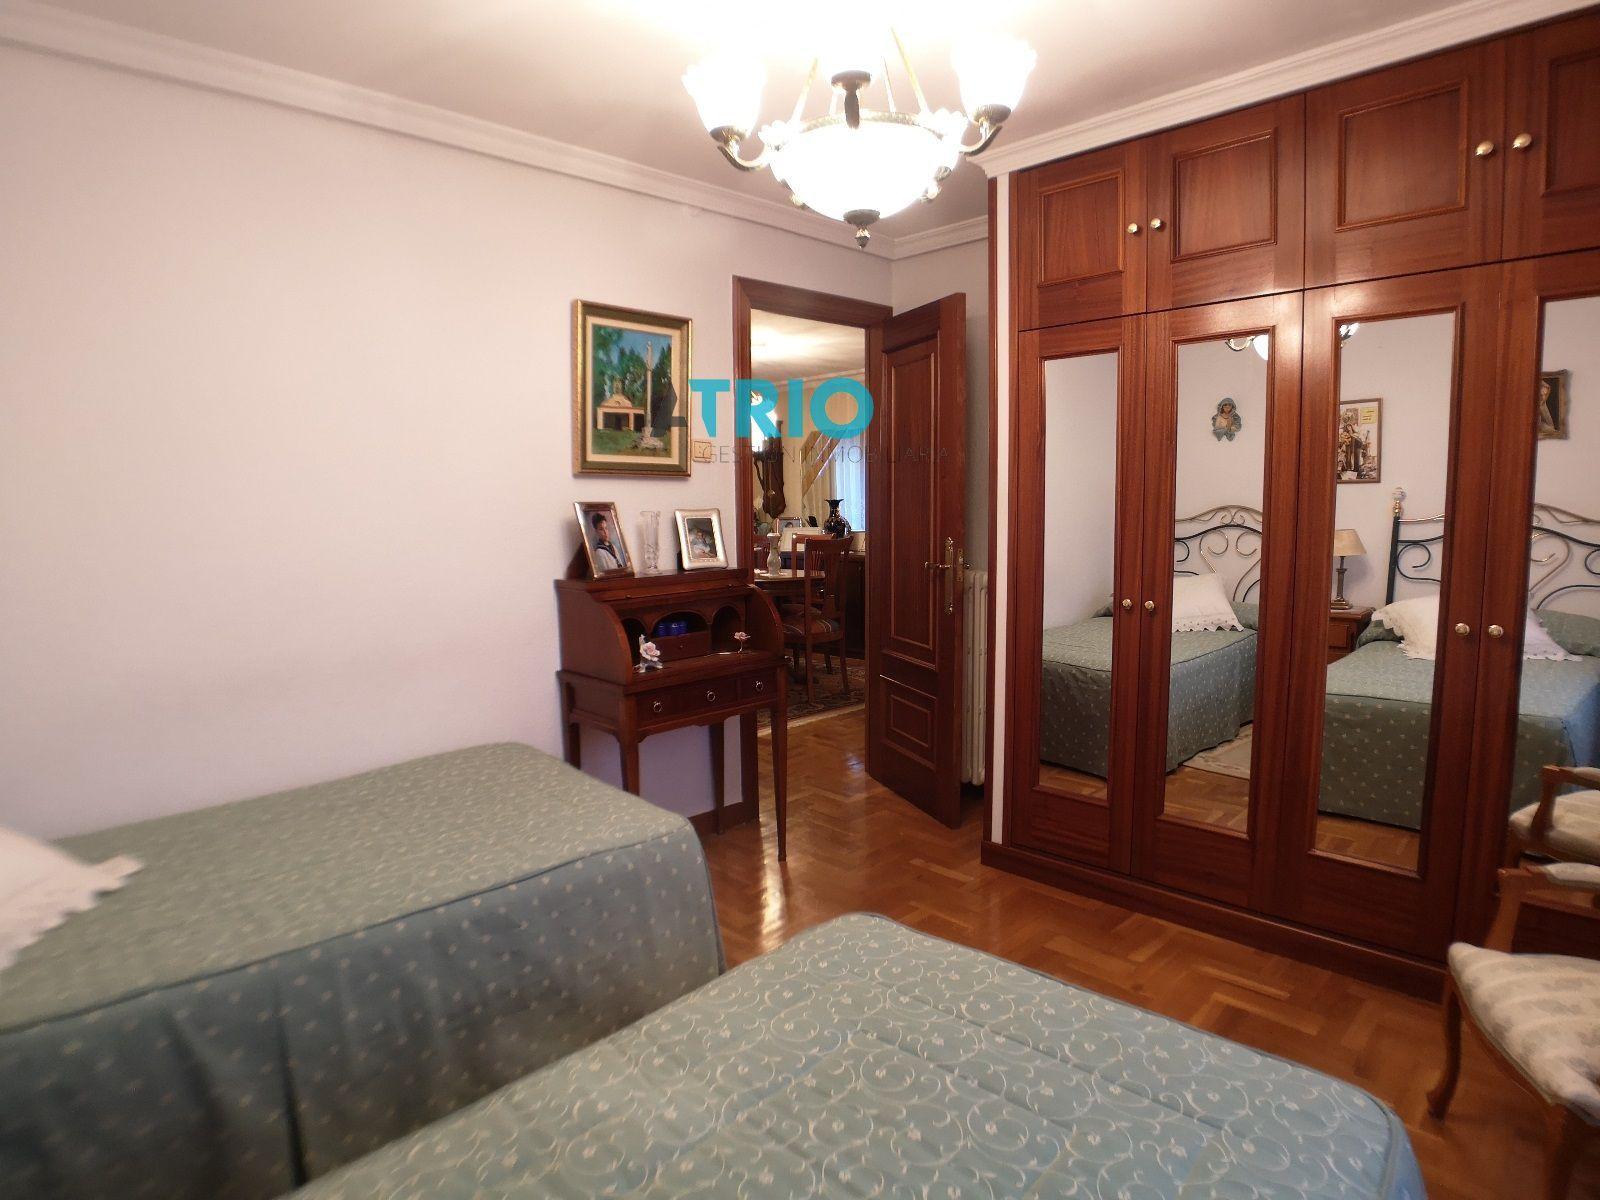 dia.mobiliagestion.es/Portals/inmoatrio/Images/7132/5597526